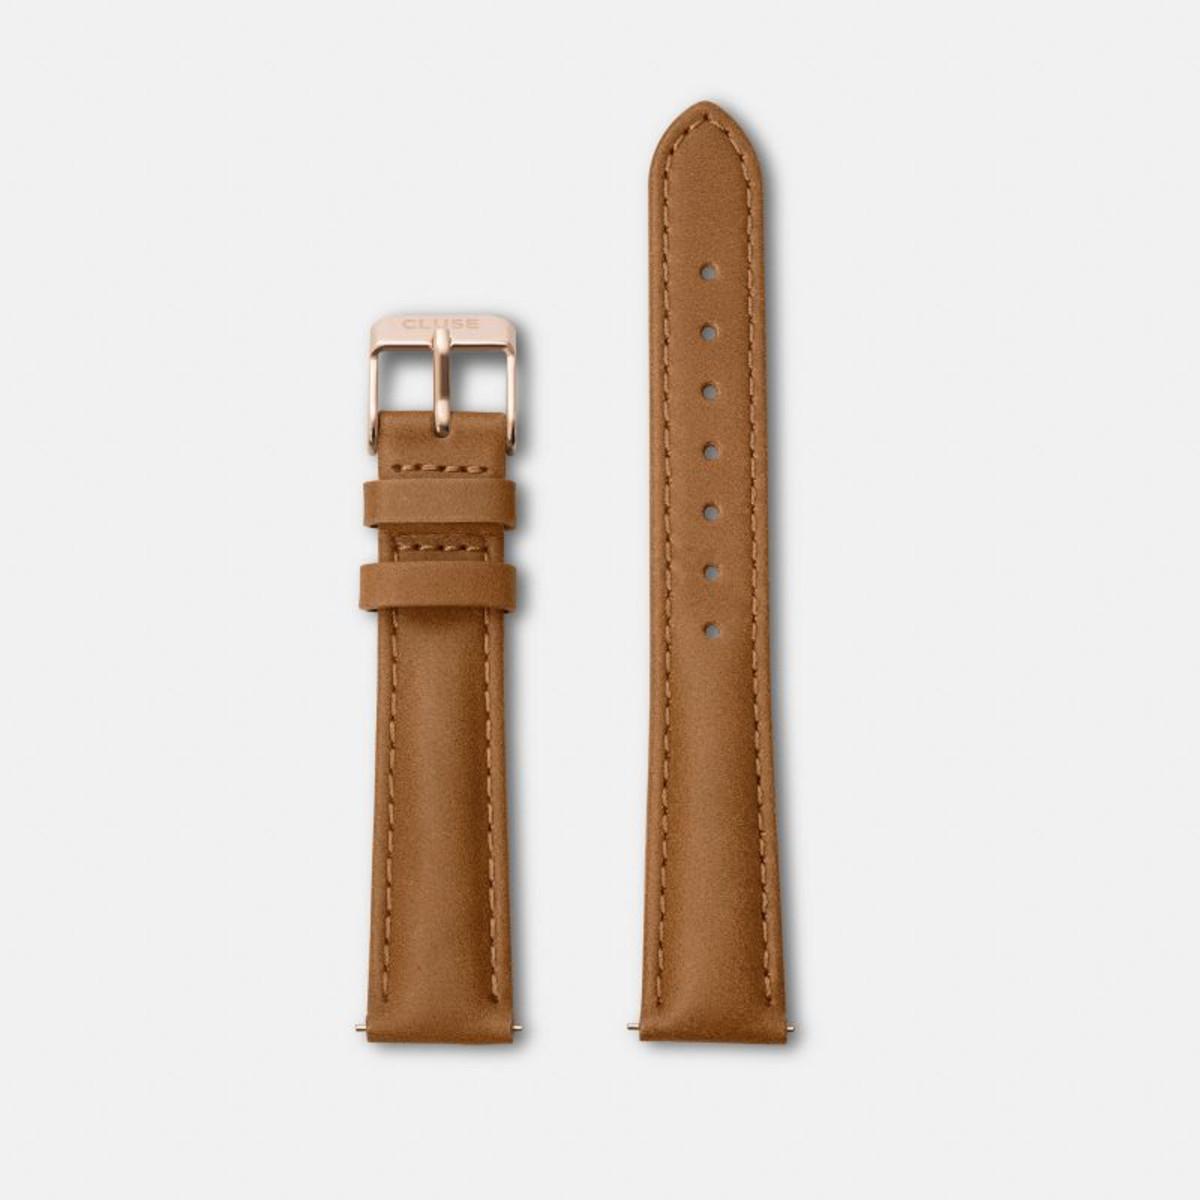 Cluse horlogeband CLS303 Minuit Leder Cognac 16mm + bruin stiksel